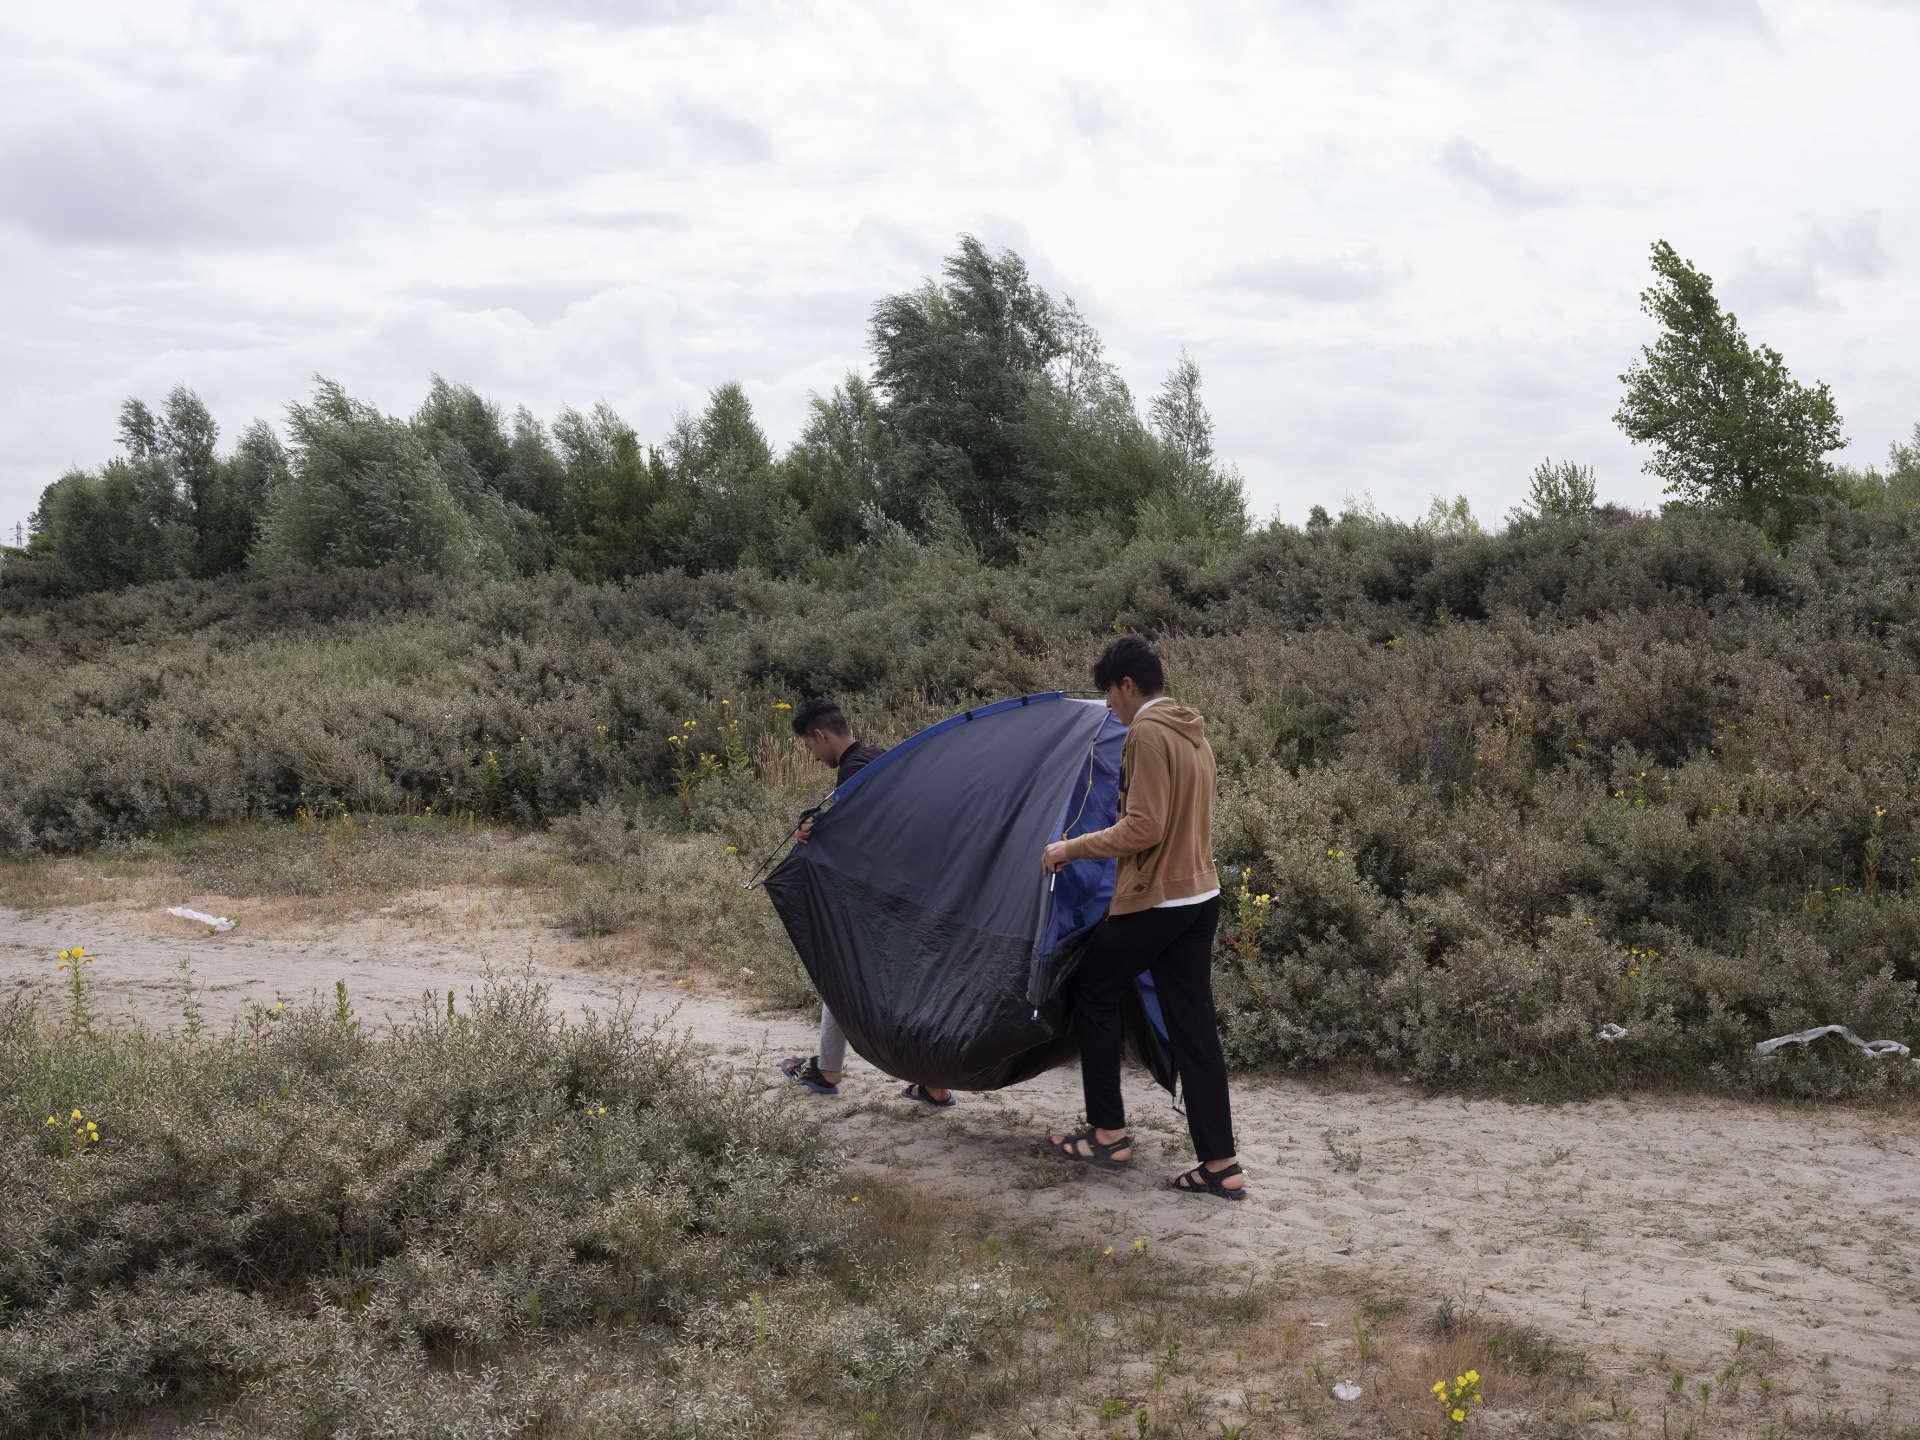 Un jour sur deux, Shazad et Kakou, 16 ans, se font chasser par les forces de l'ordre puis rejoignent leur campement de fortune quelques minutes plus tard.